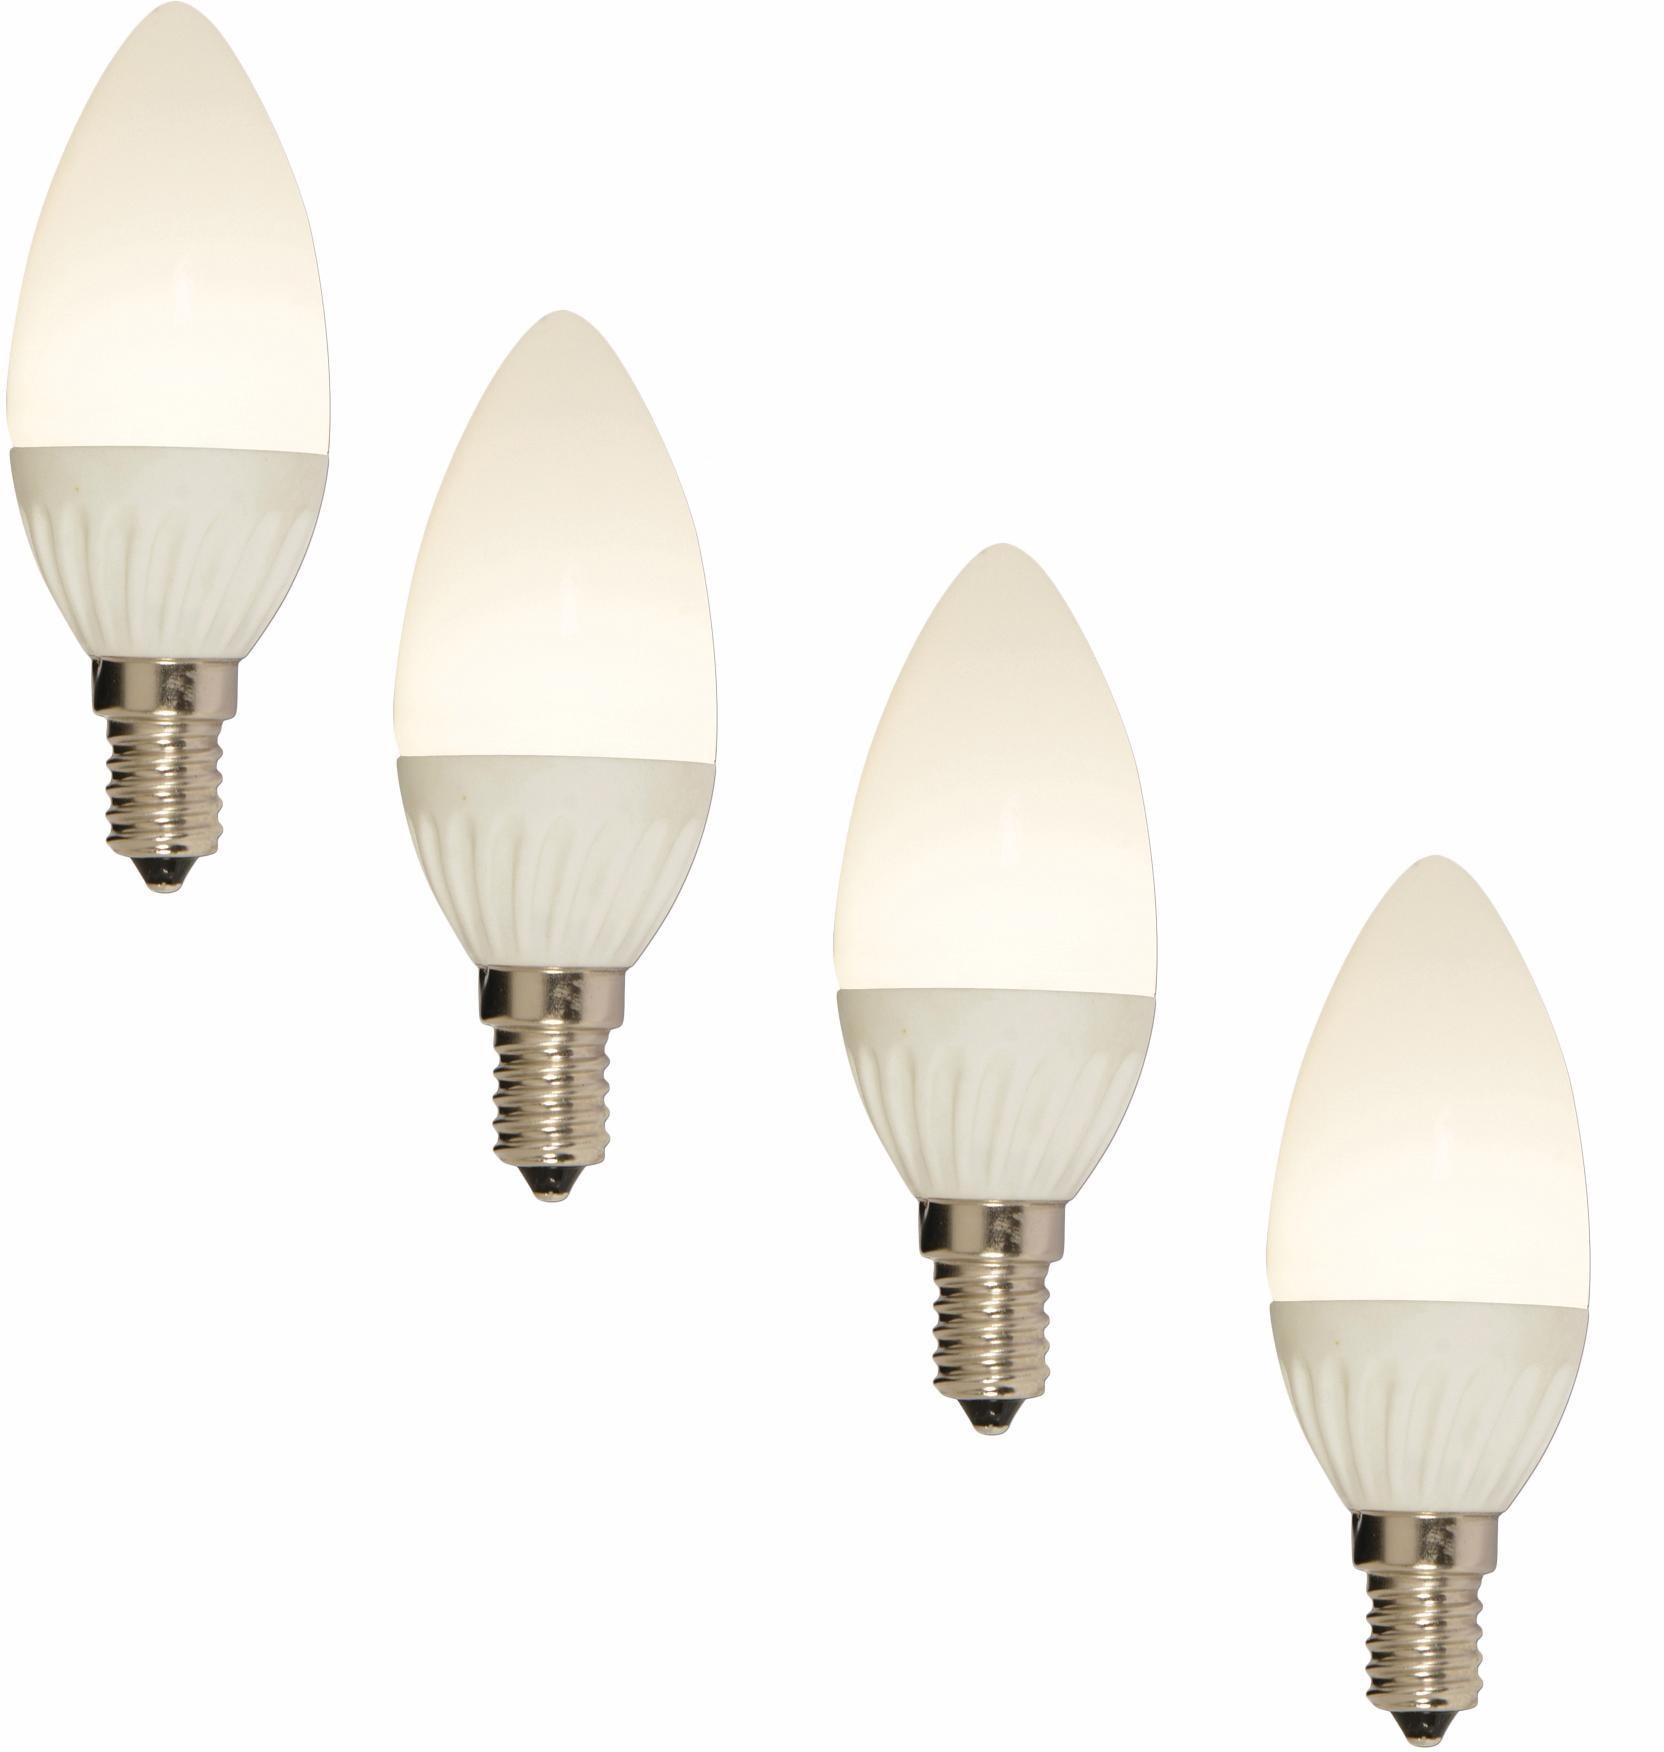 Näve LED Leuchtmittel, 4er Set, »E14 Kerze«